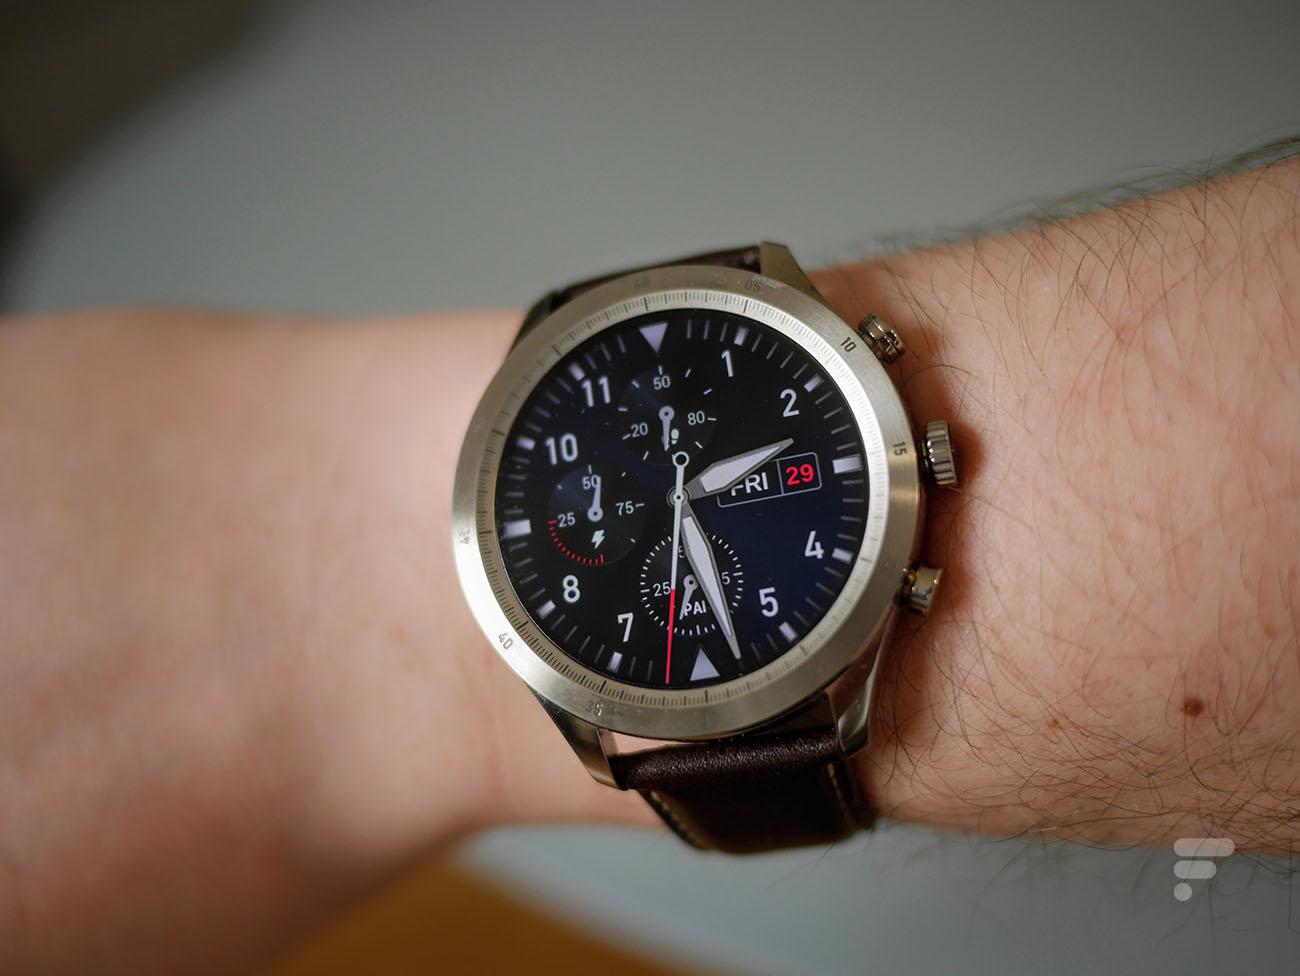 Les montres Amazfit et Zepp vont grandement s'améliorer grâce à ces nouveautés